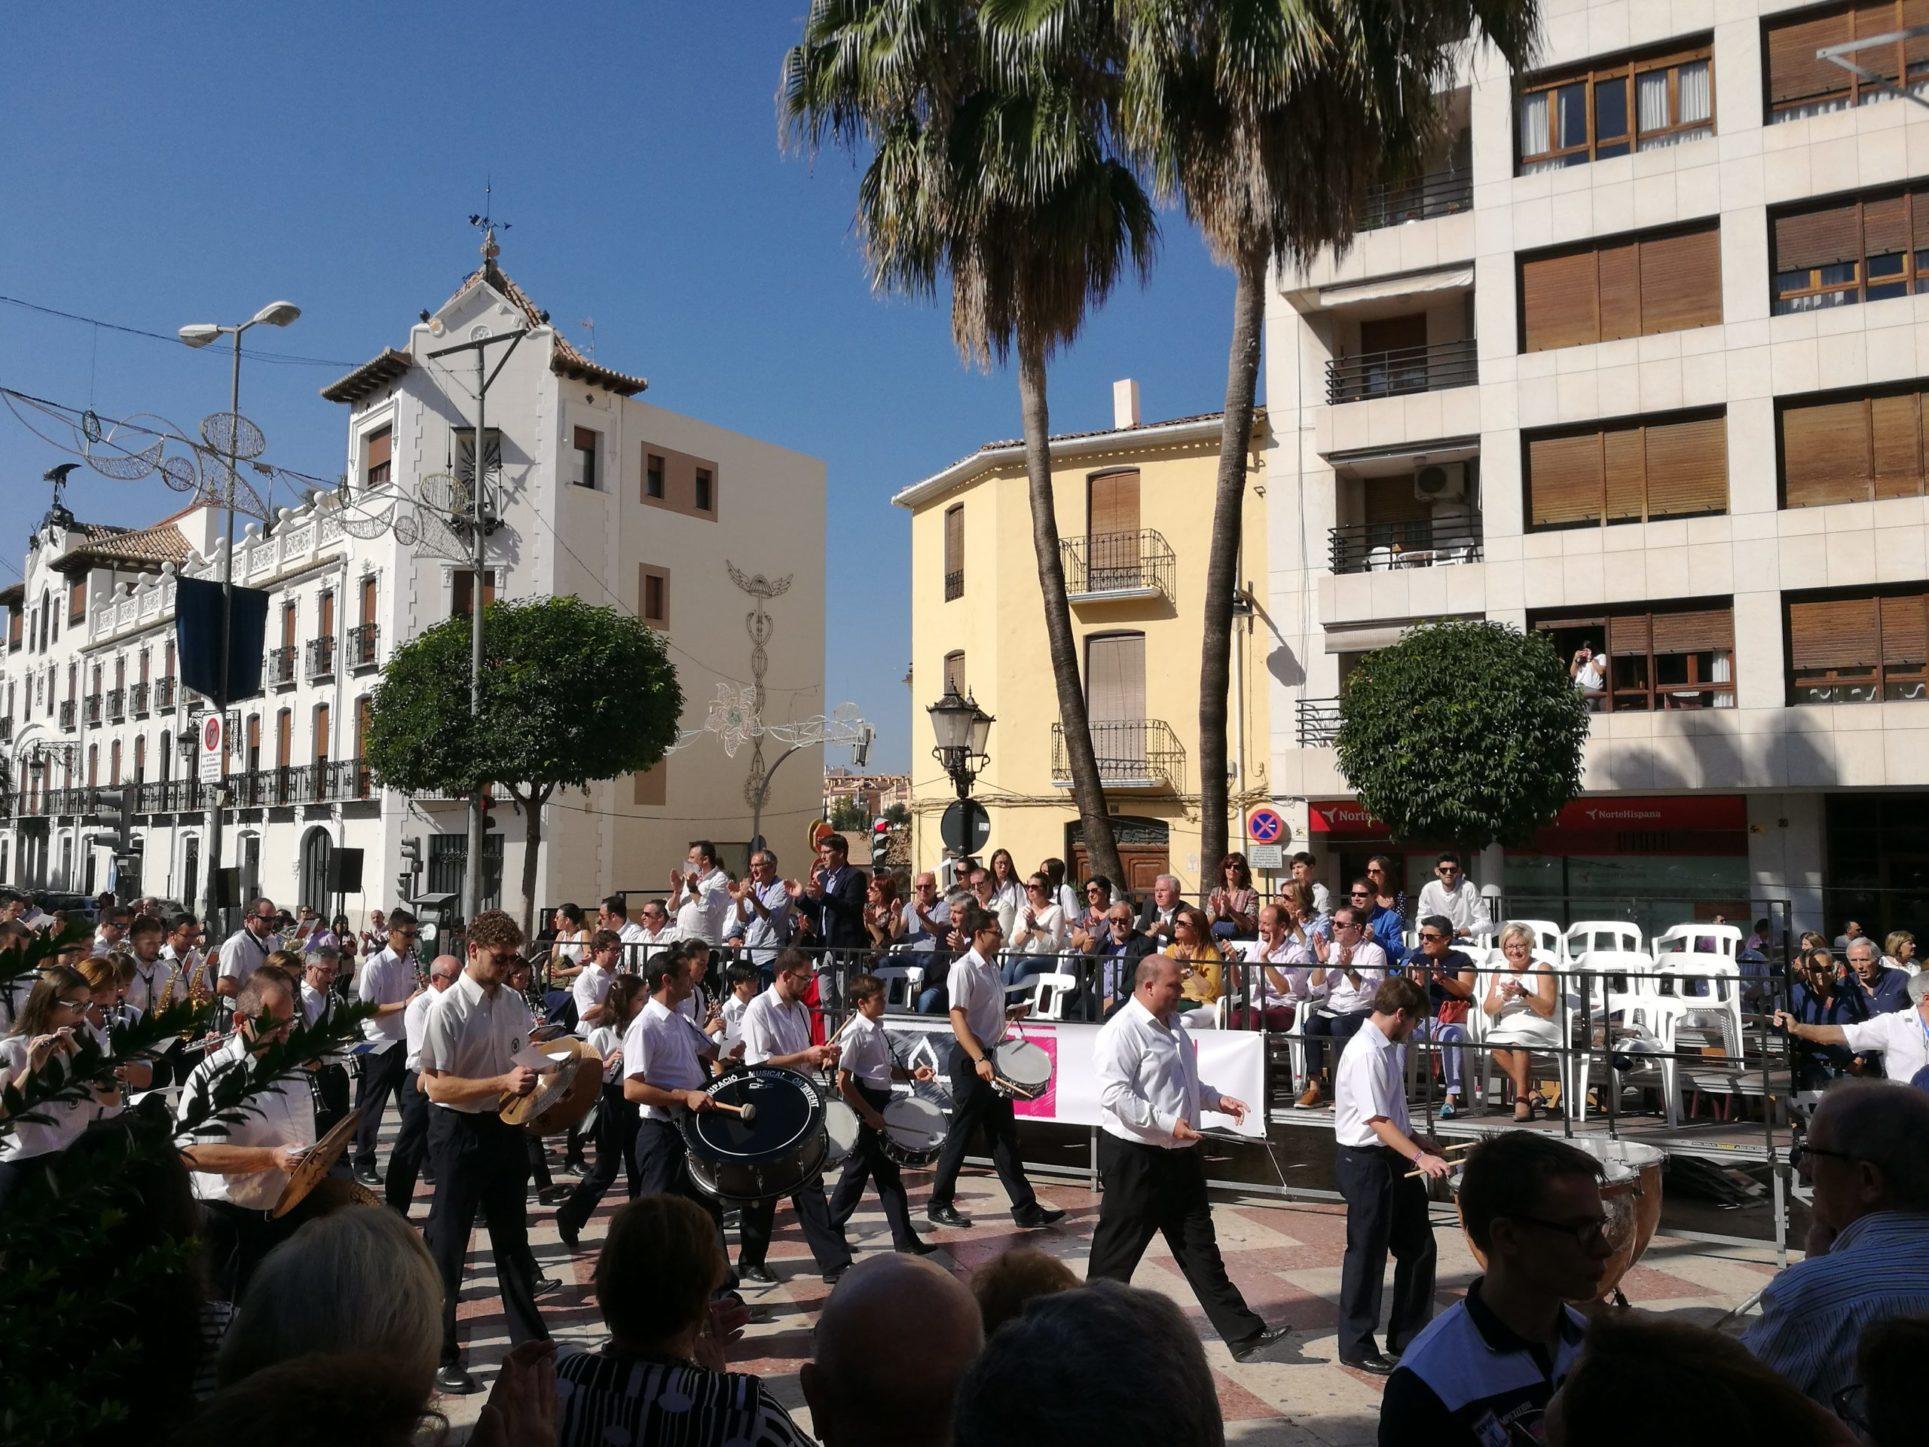 El patrimoni musical de la Vall sona a Ontinyent El Periòdic d'Ontinyent